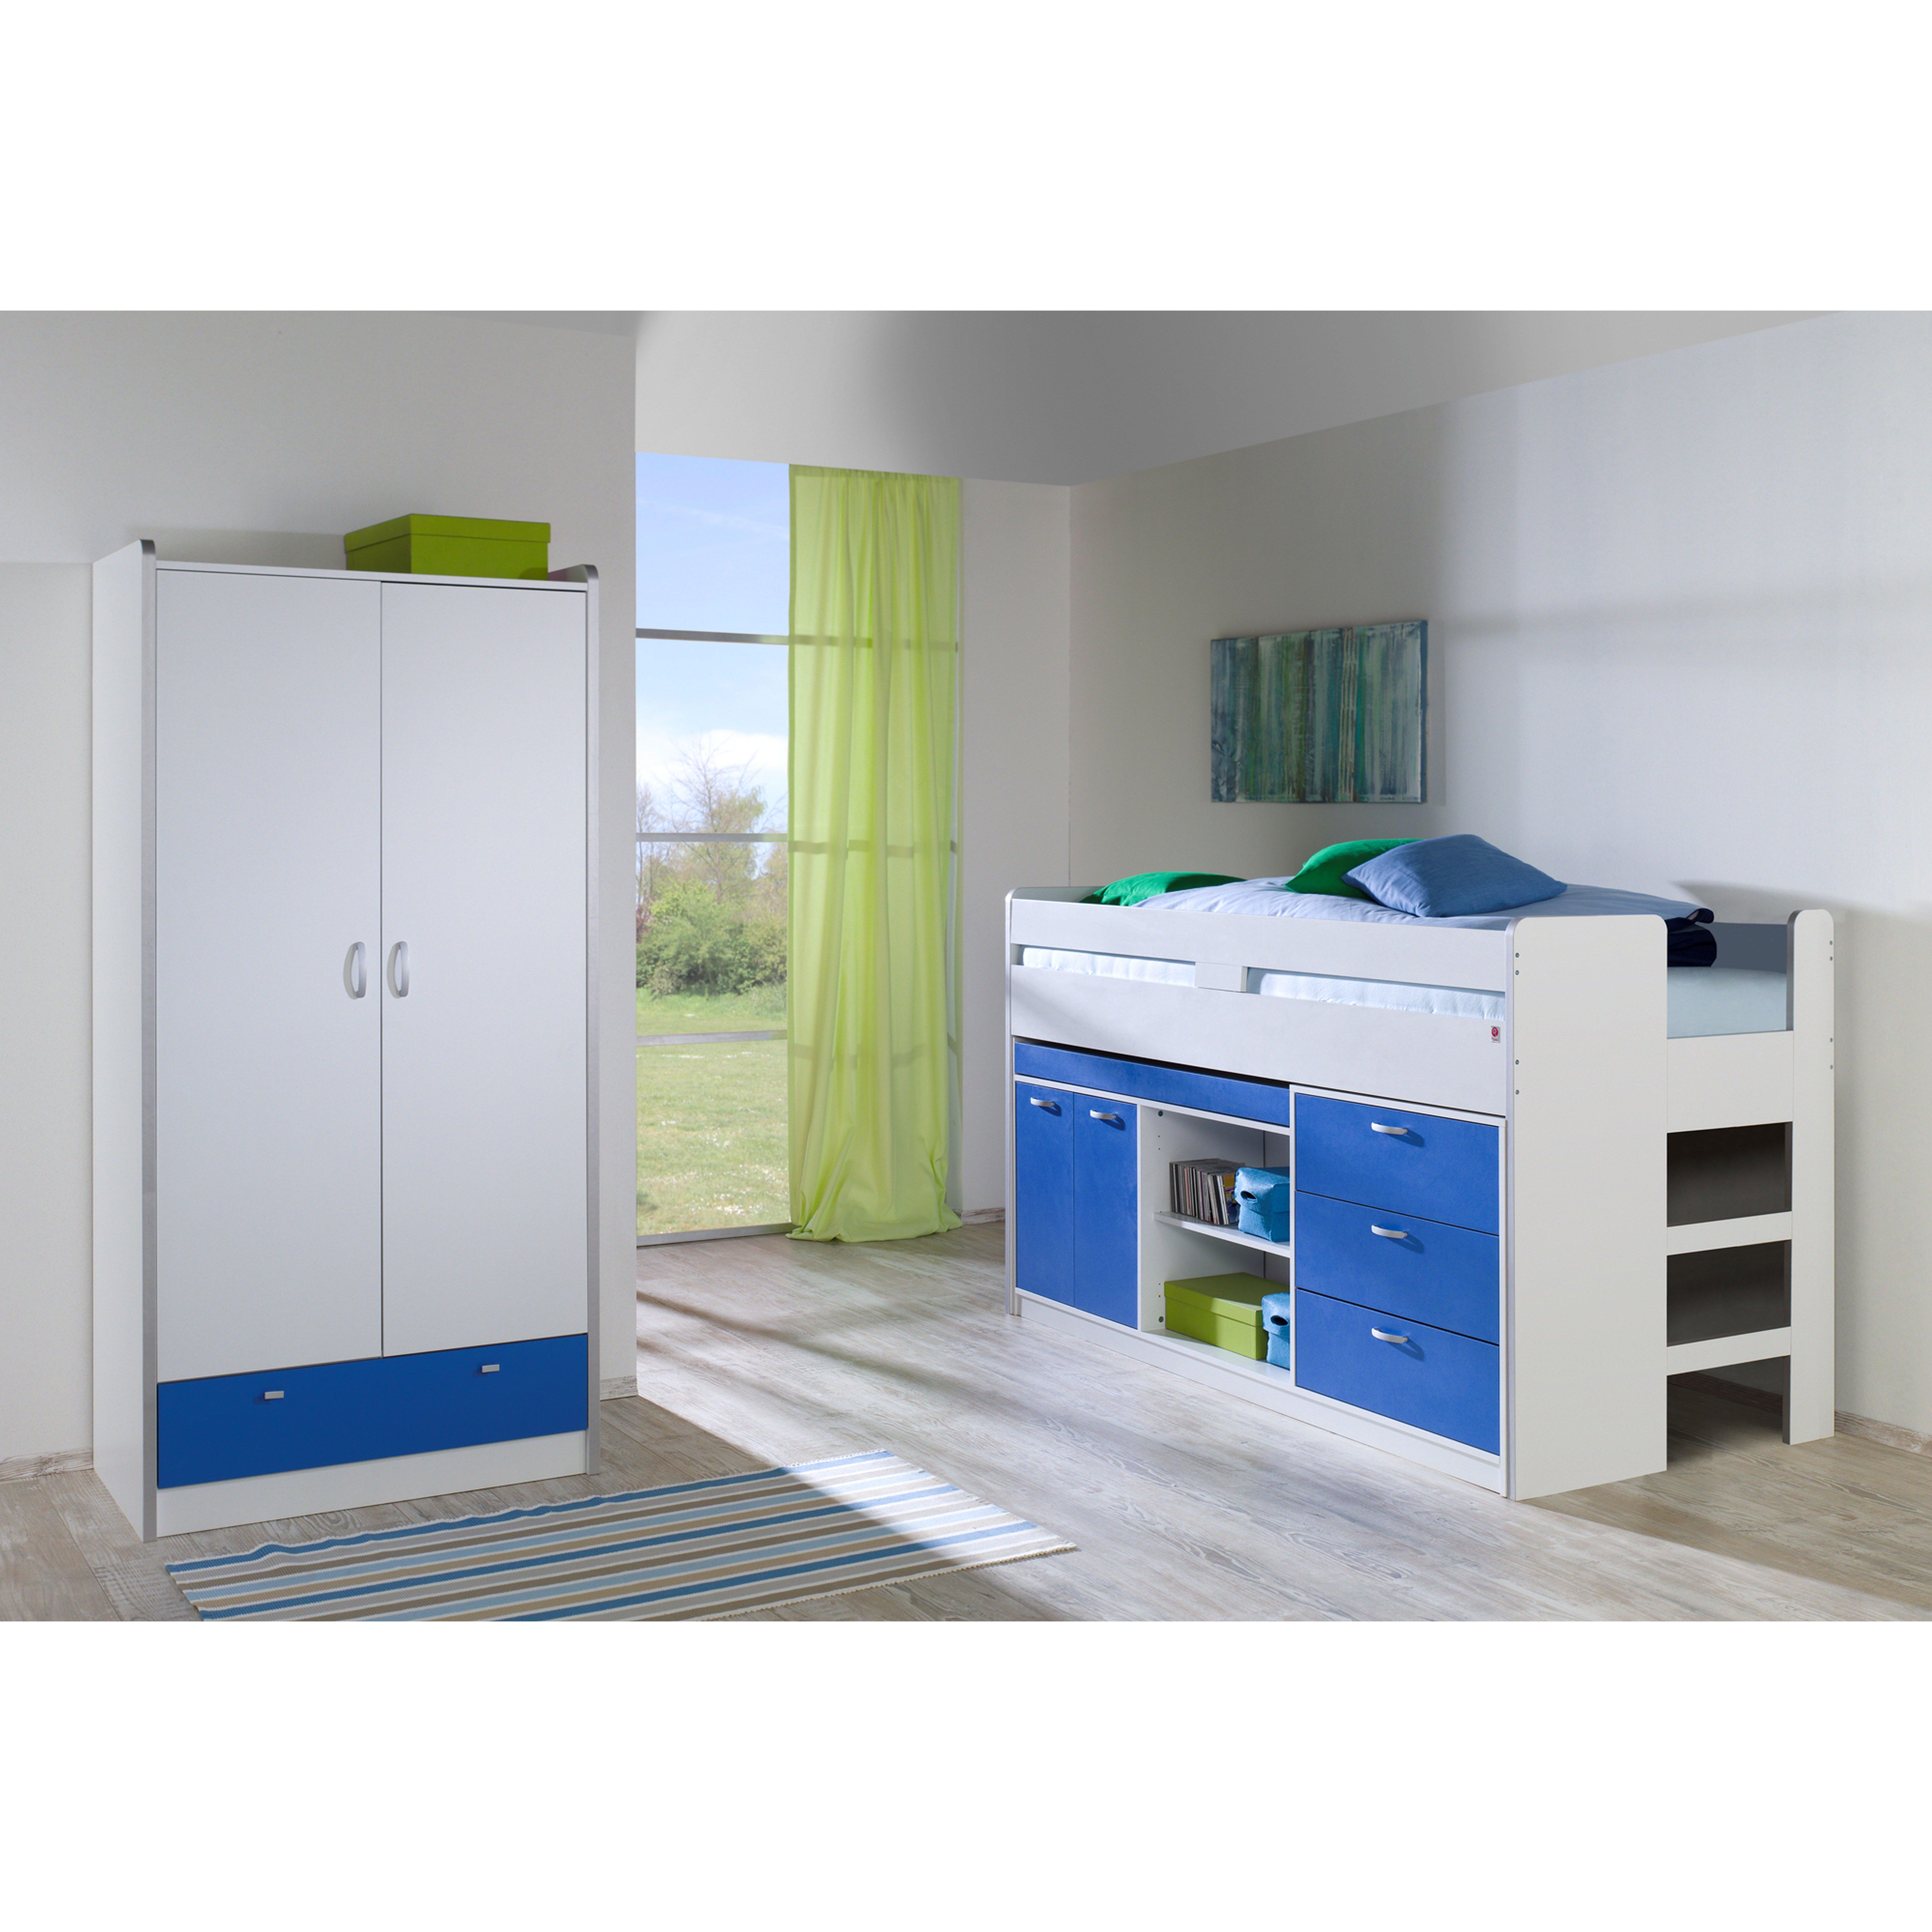 2 tlg schlafzimmer set bonny 90 x 200 cm von relita for Schlafzimmer set italienisch